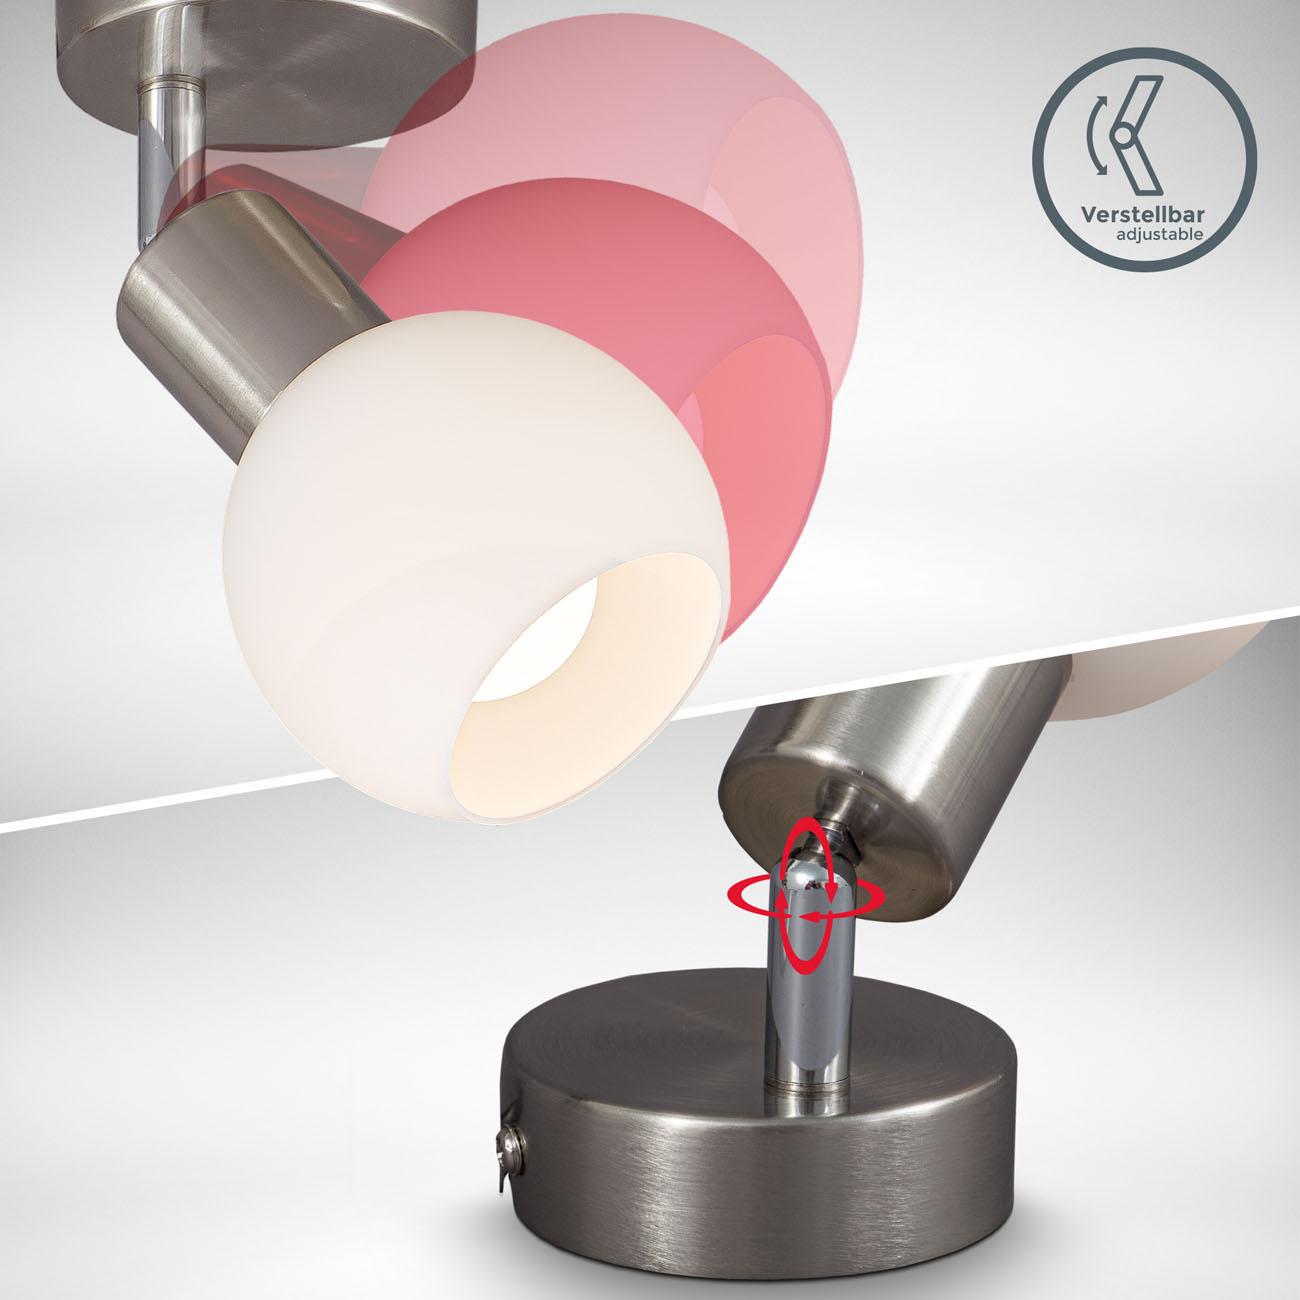 LED Deckenstrahler Deckenspot mit Opalglas - 4